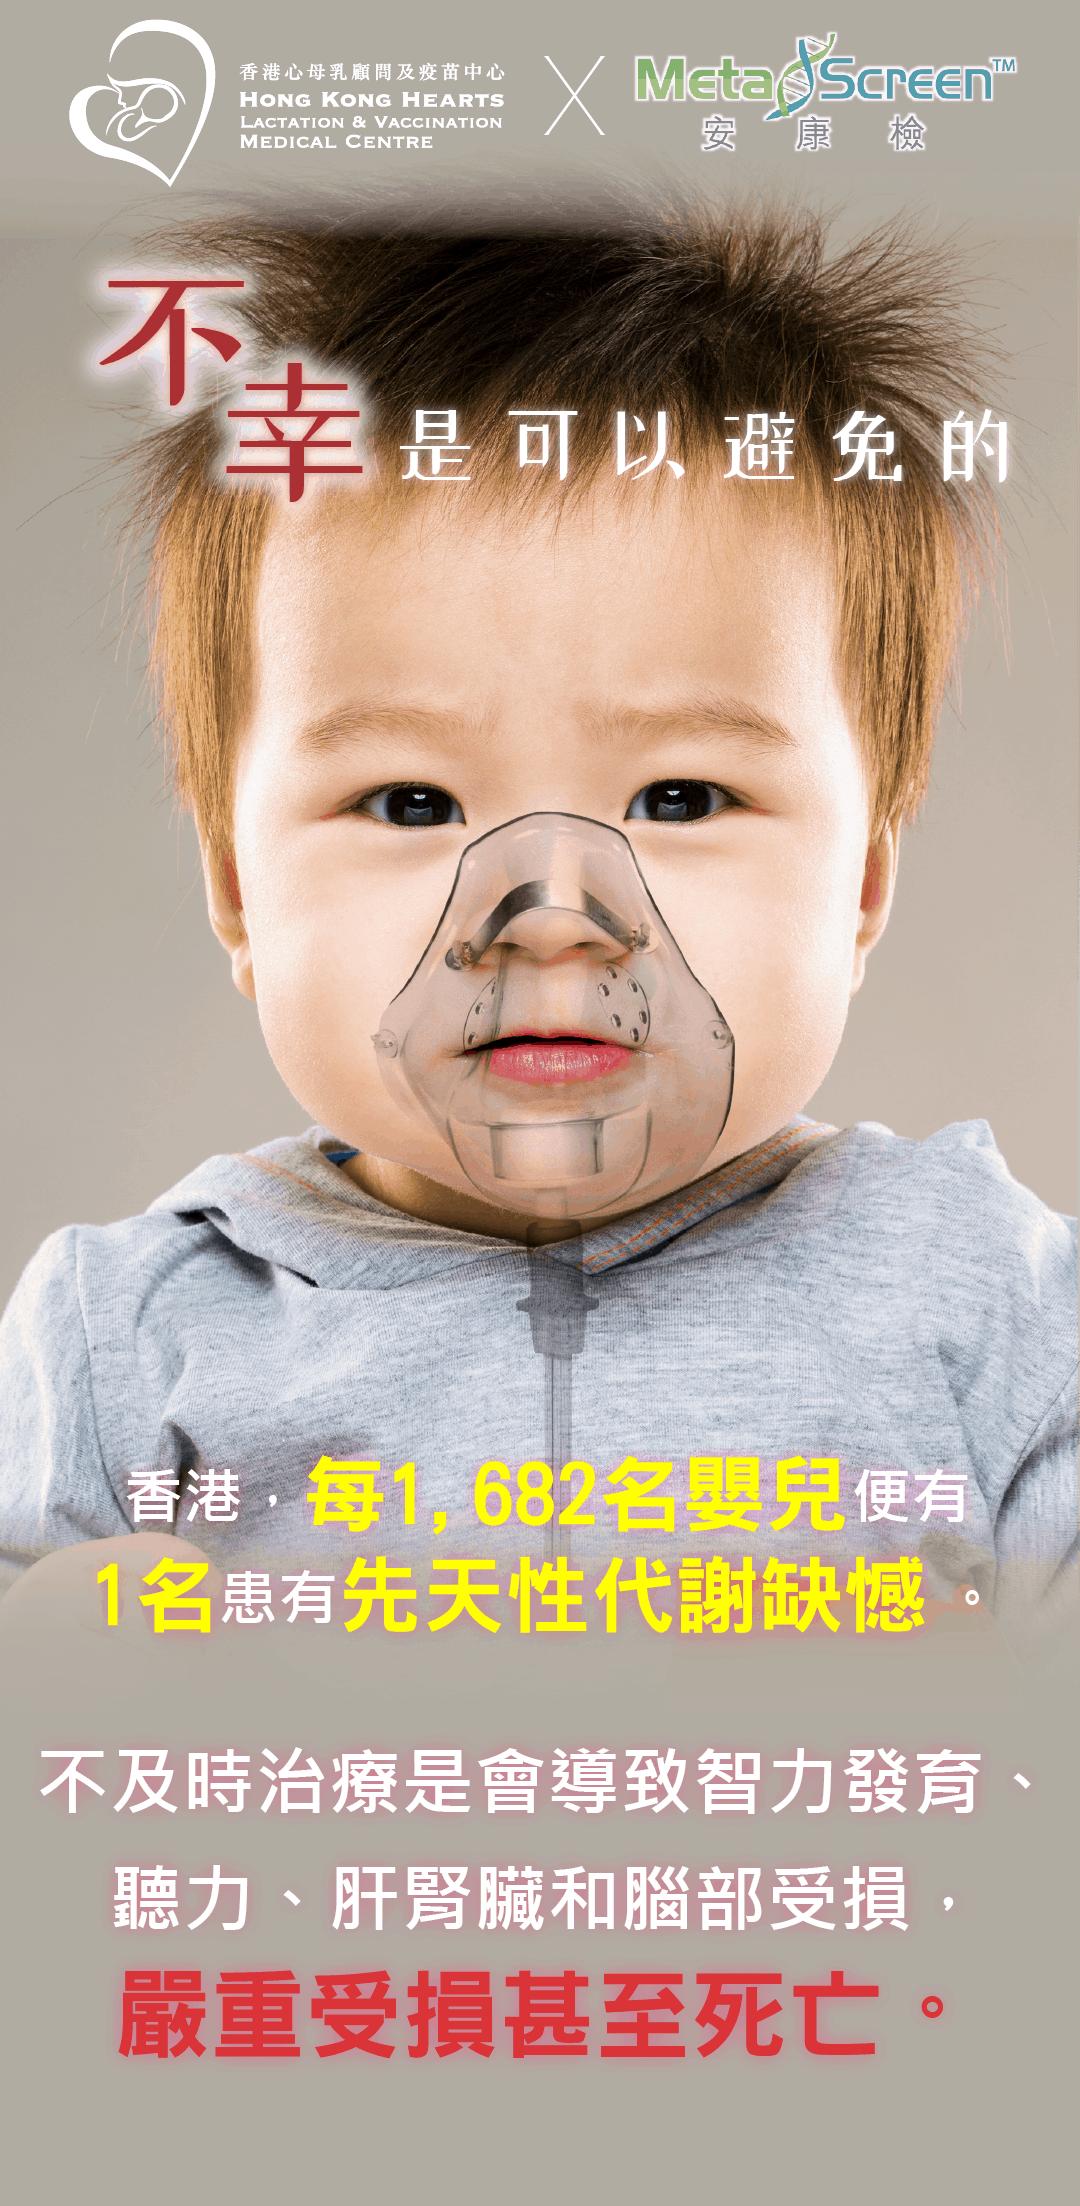 初生嬰兒代謝病檢查優惠 IEMs Wordpress 工作區域 1